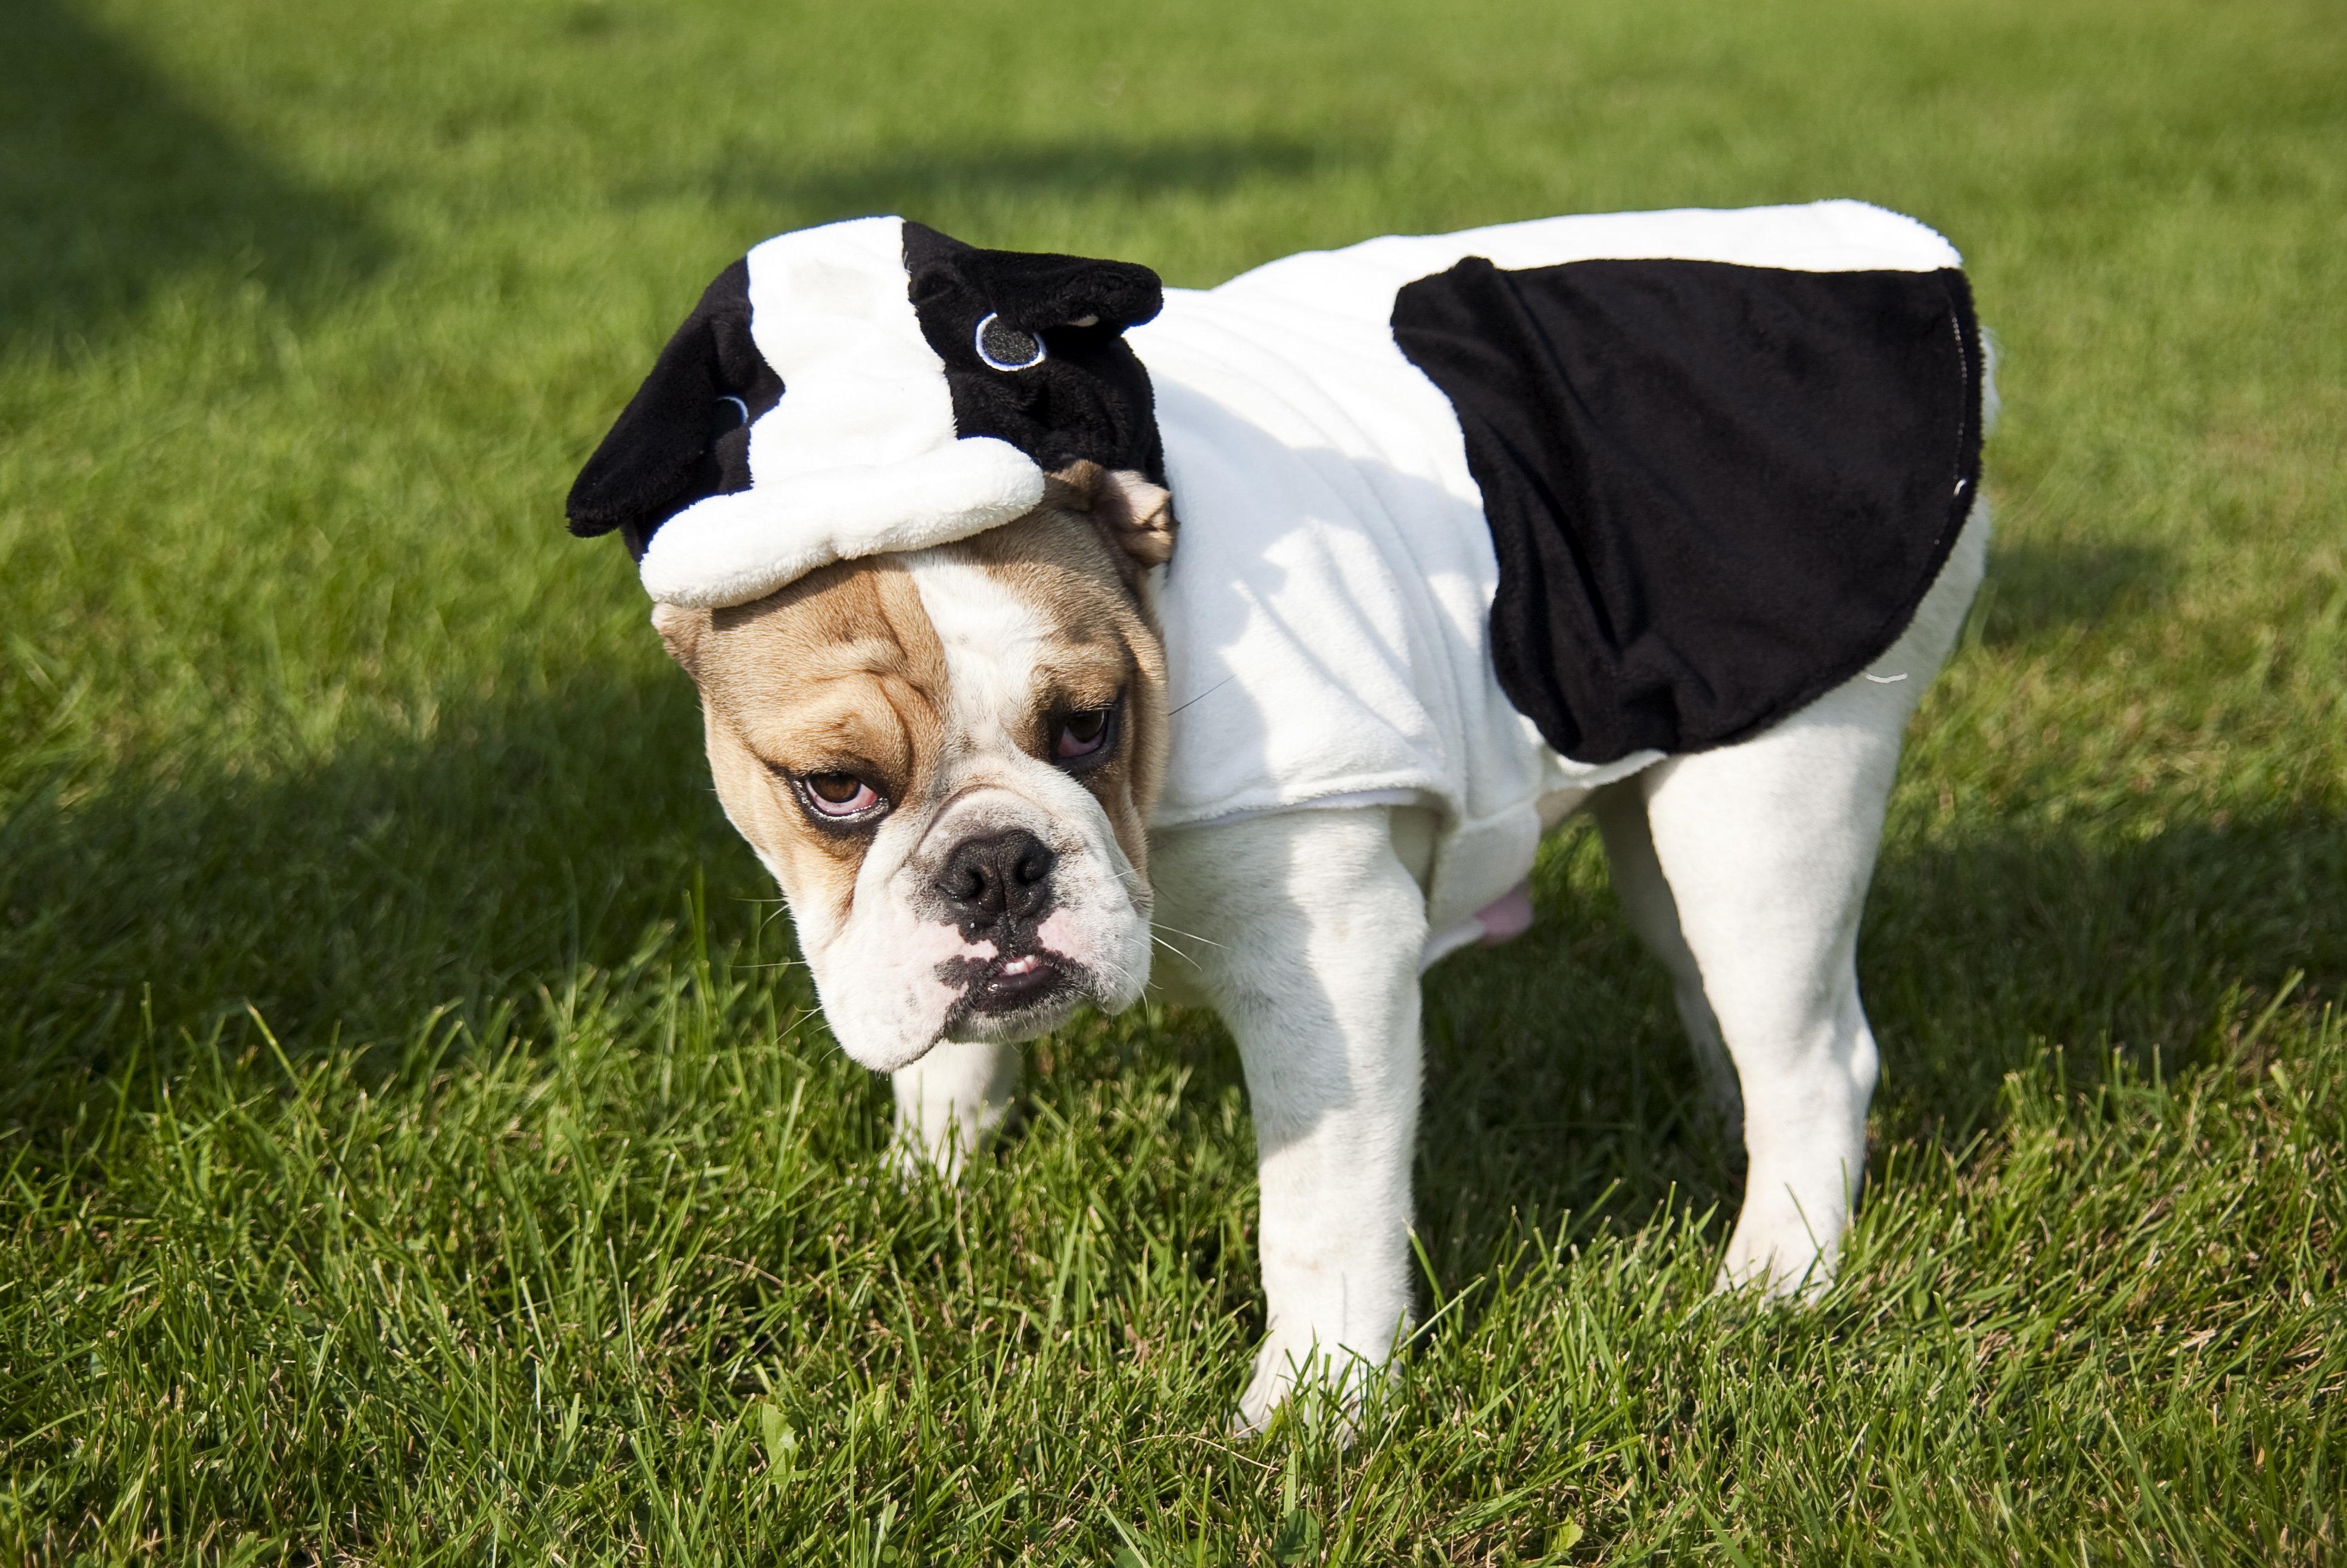 An English bulldog wearing cow costume